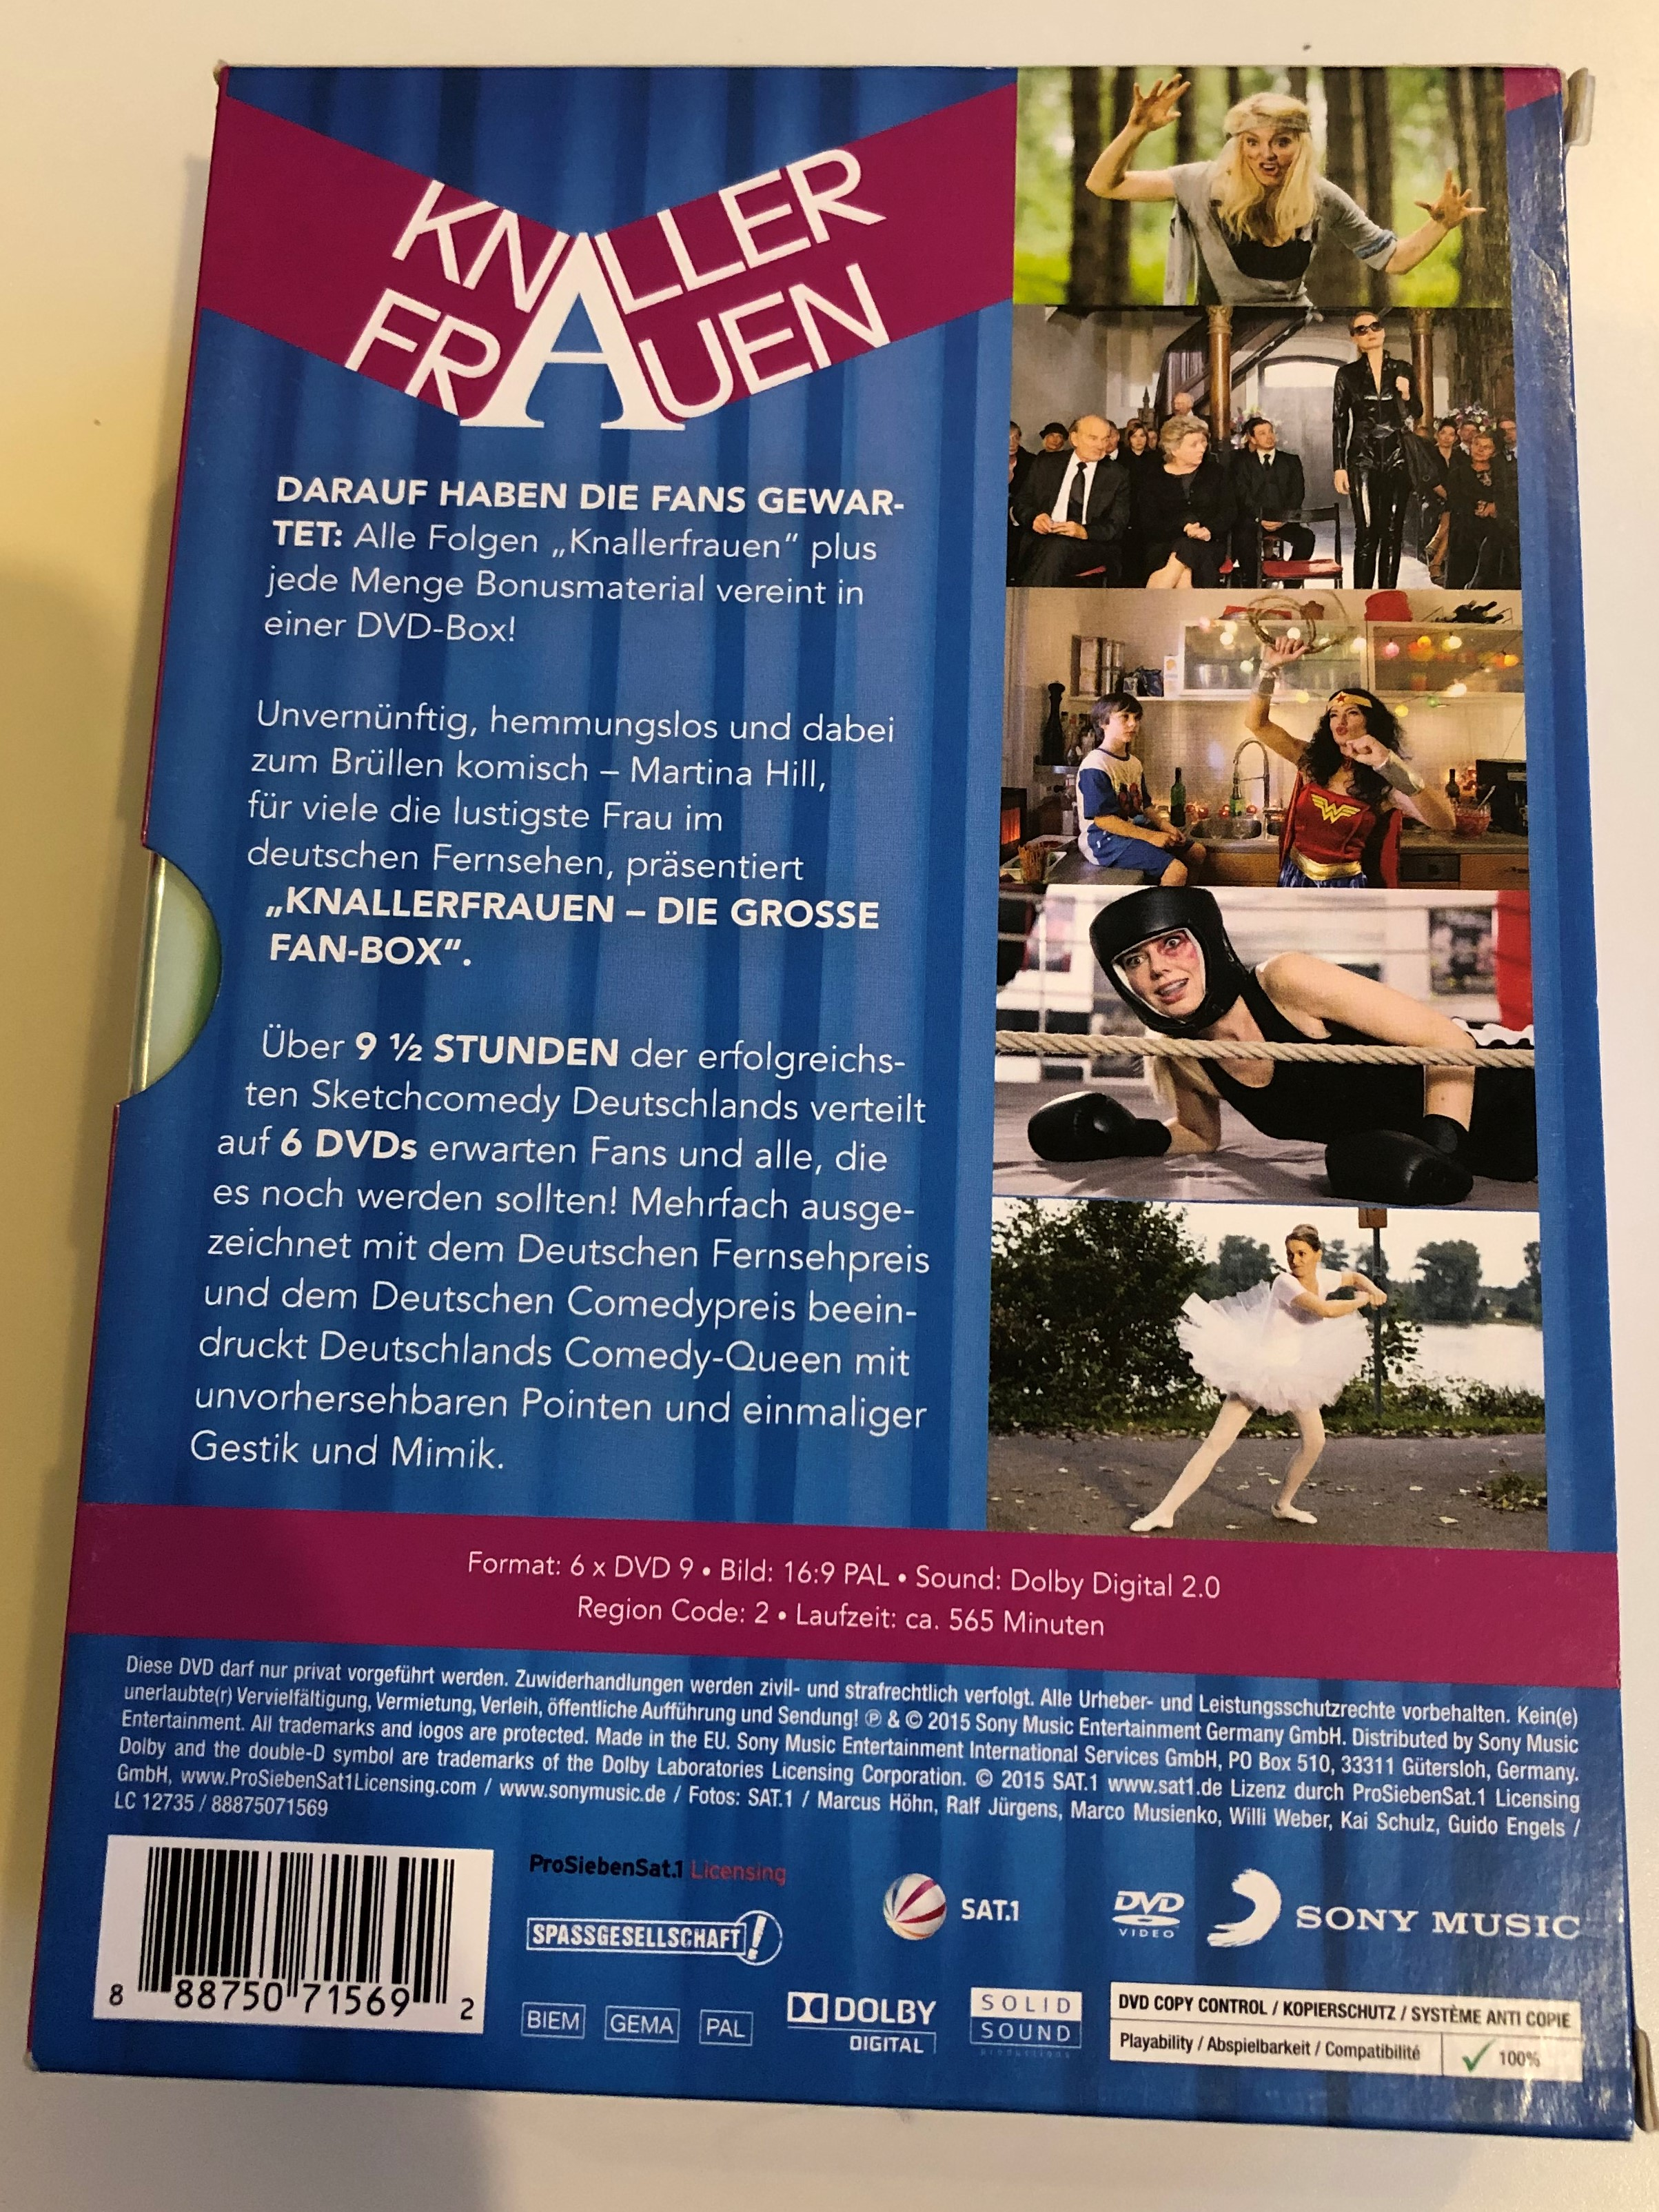 knallerfrauen-full-series-dvd-2011-knallerfrauen-mit-martina-hill-2.jpg